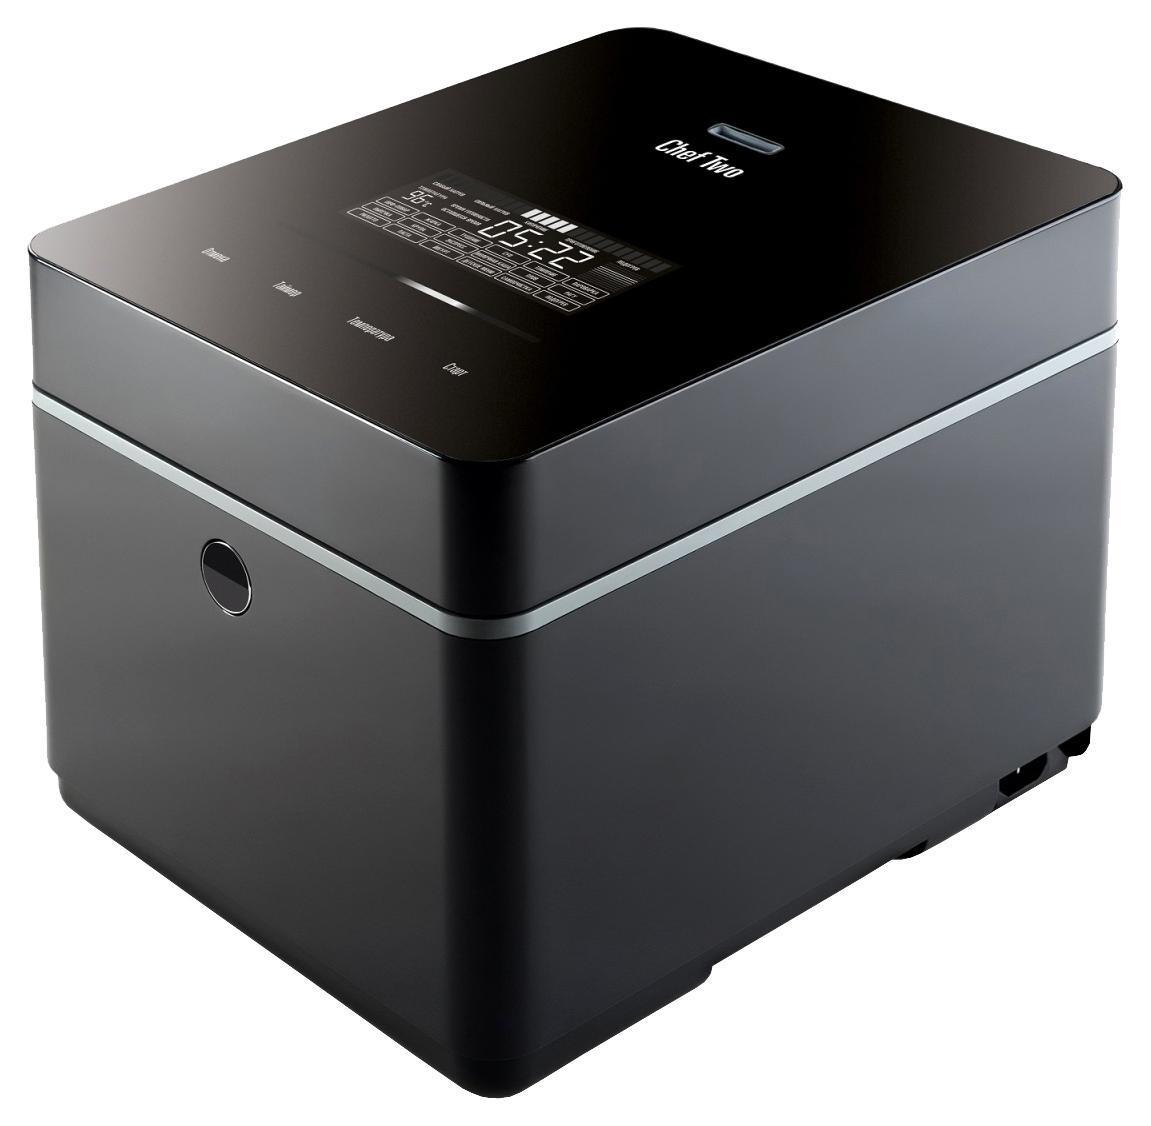 Stadler Form Chef Two SFC.939, Black мультиваркаSFC.939Stadler Form представляет новую мультиварку Chef Two в форме куба. Нестандартное дизайнерское решение делает мультиварку самым современным предметом интерьера Вашей кухни. Компактные размеры оценят пользователи, которым не хватает рабочего кухонного пространства. «Кухонный гаджет» Chef Two имеет пронзительный черный цвет и легко маскируется под hi-fi технику.Сенсорная панель с управлением Touch line еще больше роднит Chef Two со смартфонами. С помощью этого фирменного элемента управления осуществляется руководство большинством функций прибора.Большой русифицированный LCD-дисплей обеспечивает взаимодействие между пользователем и прибором. На дисплей с контрастной белой подсветкой выводятся «уведомления» о выбранной программе, текущем статусе приготовления, температуре. Общаться с прибором также помогает звуковая индикация действий, которую можно отключить. Кроме того, индикация сопровождает выбор программ.17 встроенных программ приготовления пищи, от йогурта до ризотто, позволят воплотить в жизнь все ваши кулинарные задумки. Во всех программах Chef Two искусно подобраны температурные и временные режимы, чтобы исполнить любую кулинарную композицию.Доступны следующие встроенные программы:ПловРизоттоМолочная кашаСупТушениеПароваркаЖаркаВыпечкаКрупыШеф-поварТомлениеЭкспрессПастаЙогуртДетское менюПодогревВ мультиварке предусмотрены специальные температурные программы подогрева пищи для маленьких гурманов. В мультиварке можно подогревать детские бутылочки и баночки с питанием.Для тех, кто любит готовить самостоятельно и экспериментировать во время приготовления предусмотрен режим «Шеф-повар». С этим режимом вы исполните любую свою импровизацию и фантазию благодаря возможности самостоятельно устанавливать температуру и время приготовления. Подогреваются и готовятся все блюда в экологичной чаше с керамическим покрытием, что гарантирует безопасность для вашего здоровья. Готовить на таком покрытии можно без масла. В наборе